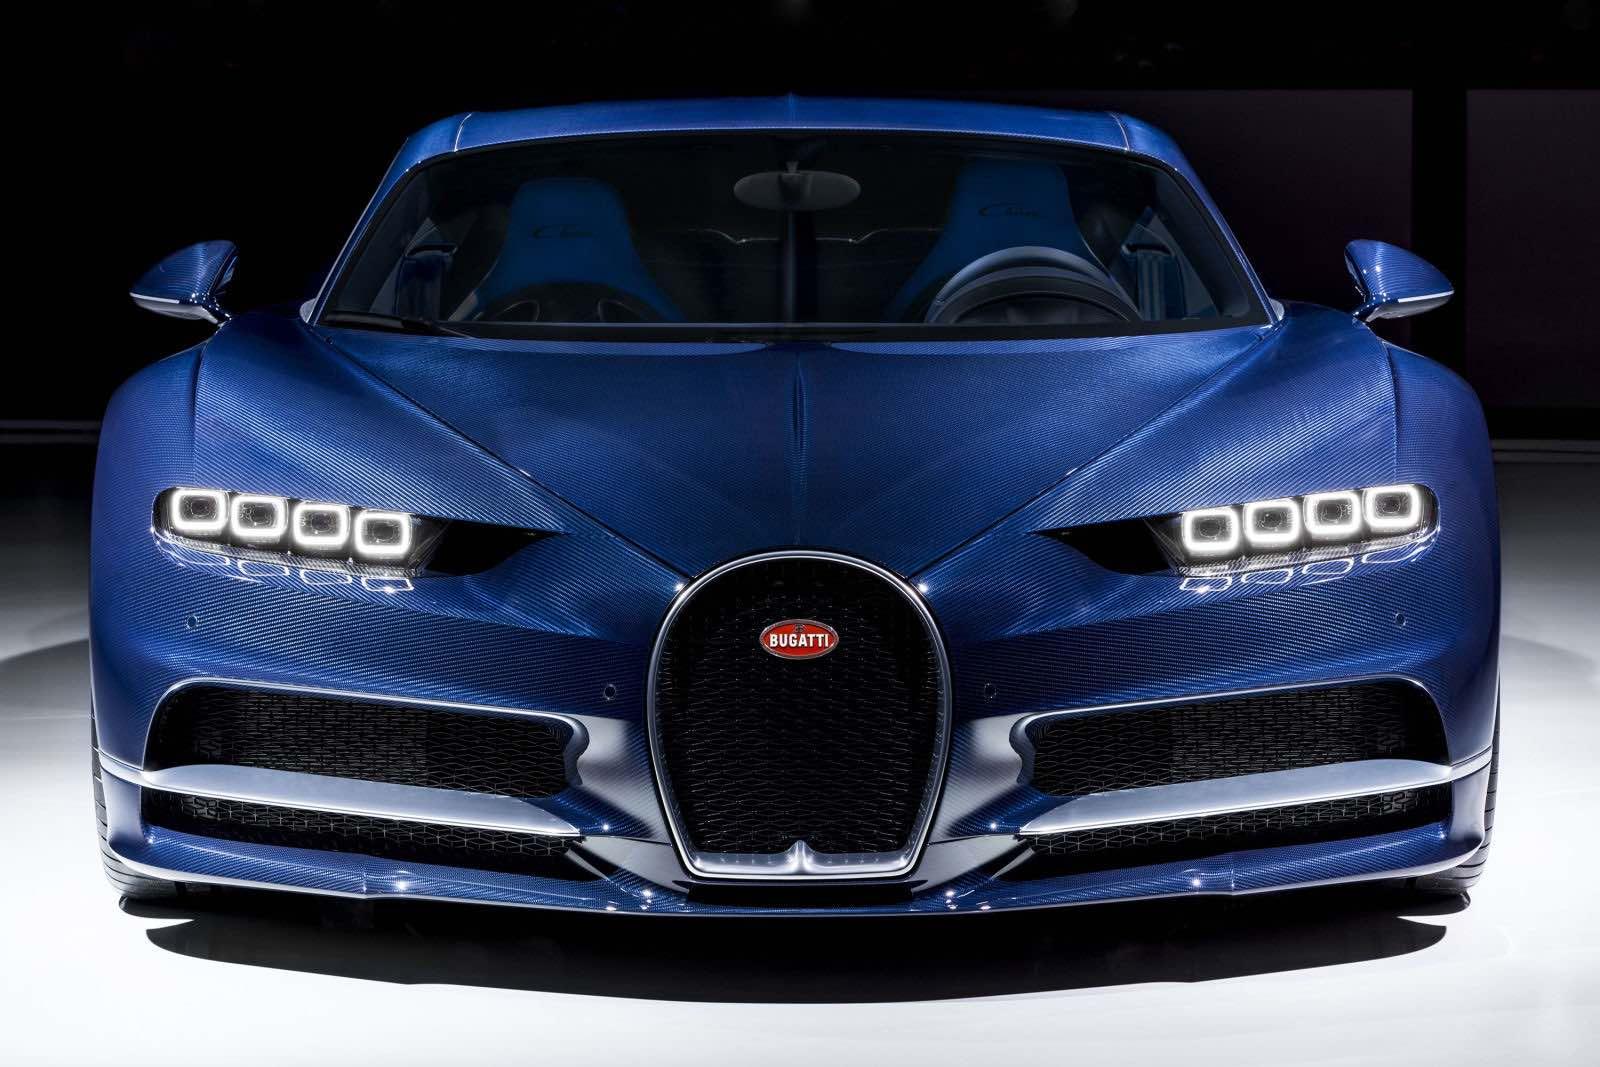 ¡Bugatti ya vendió 250 Chirons! La mitad de su total producción